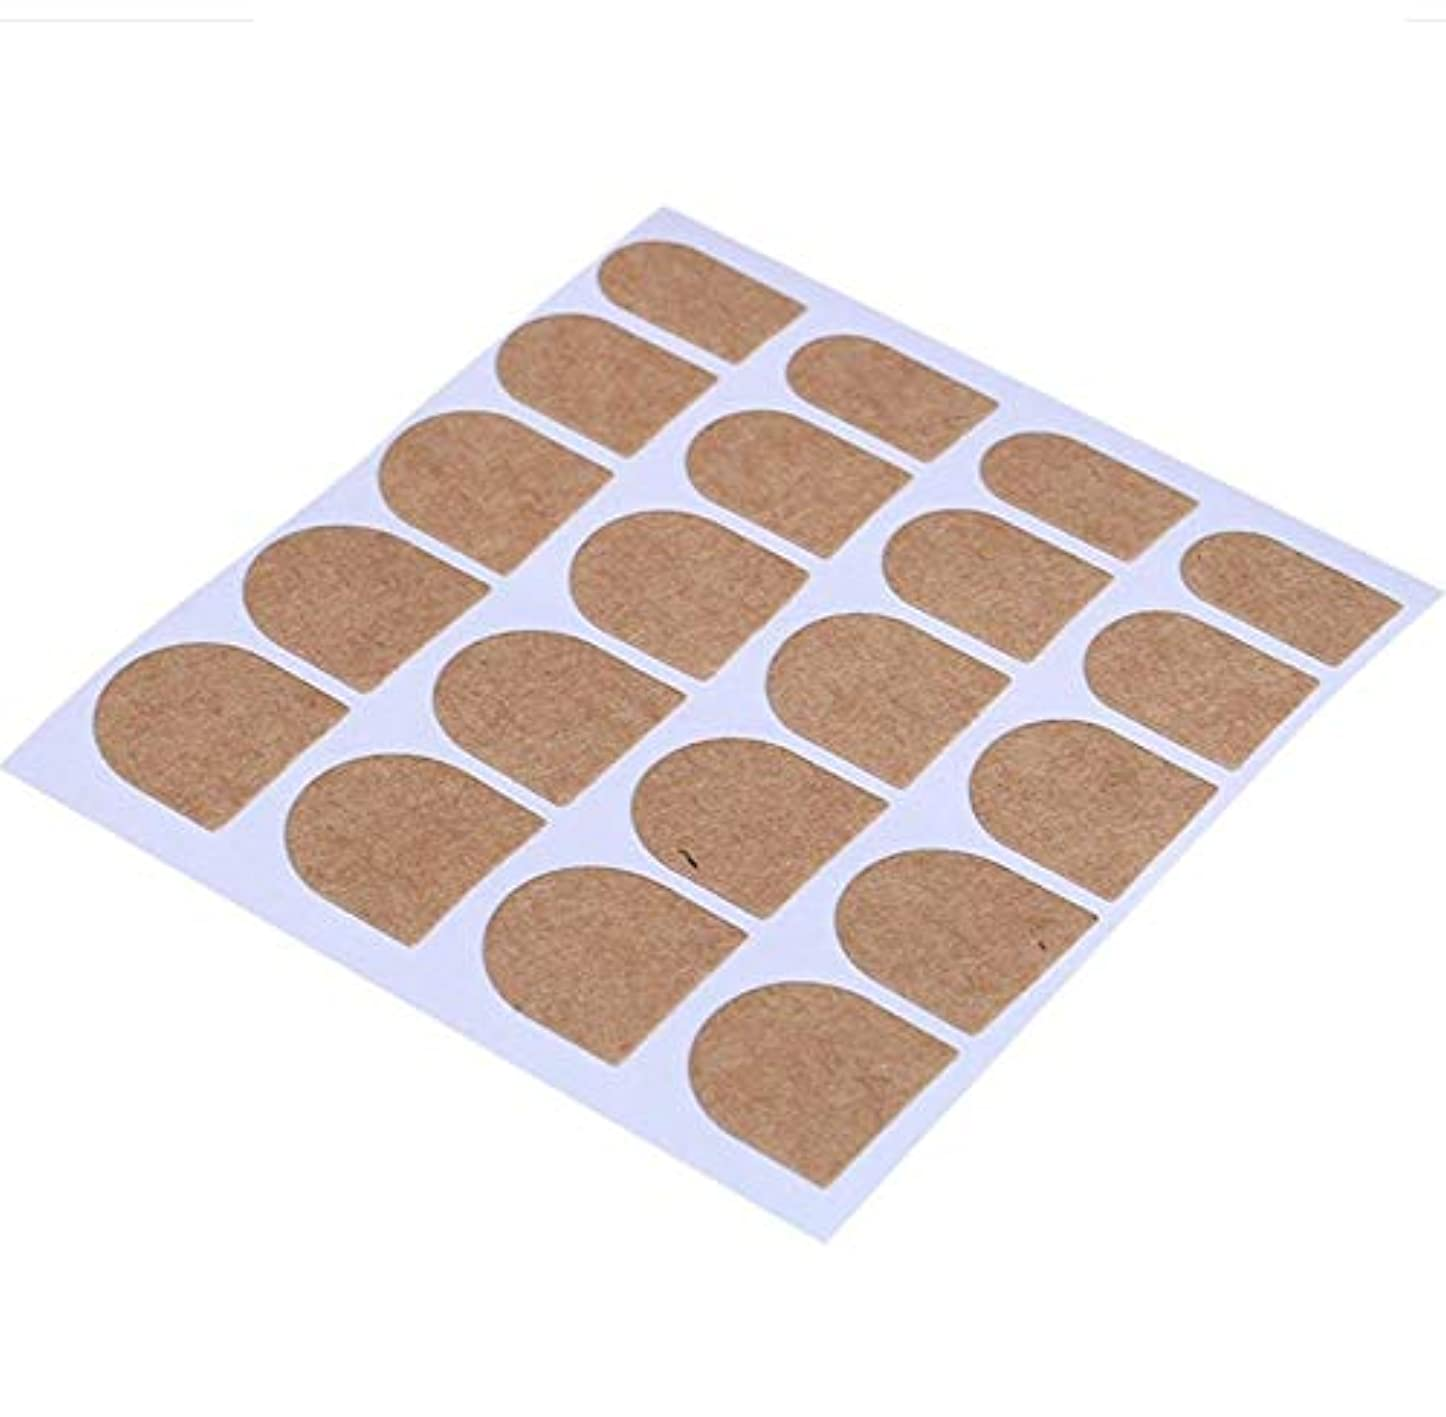 祈りキルス一人でYUJIA ネイルチップ つけ爪 付け爪 つけ方簡単 ネイル デコネイルコレクション シール ハロウィン 母の日 パーティ 人気 毎日変身 24枚セット (200枚/セット-つけ爪専用両面テープ)